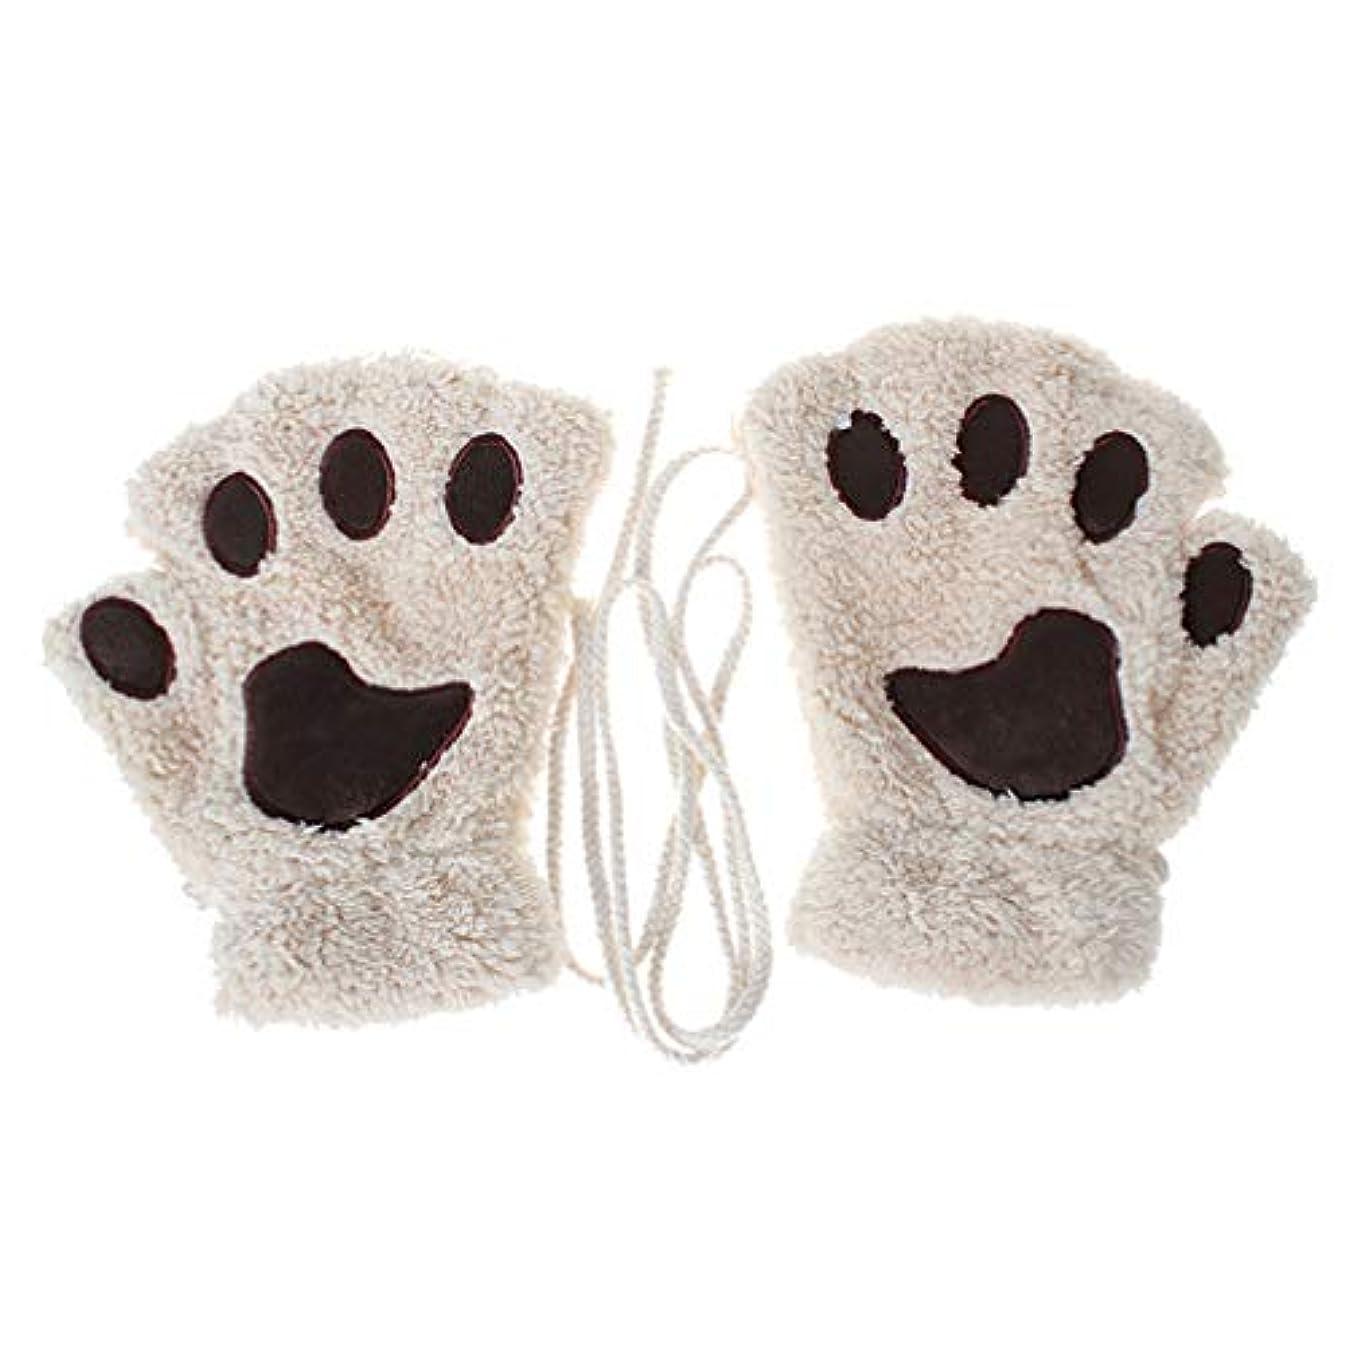 報復崇拝する敵意Toporchid 冬の厚く暖かいハーフフィンガーグローブかわいい女性のぬいぐるみ子猫の爪手袋